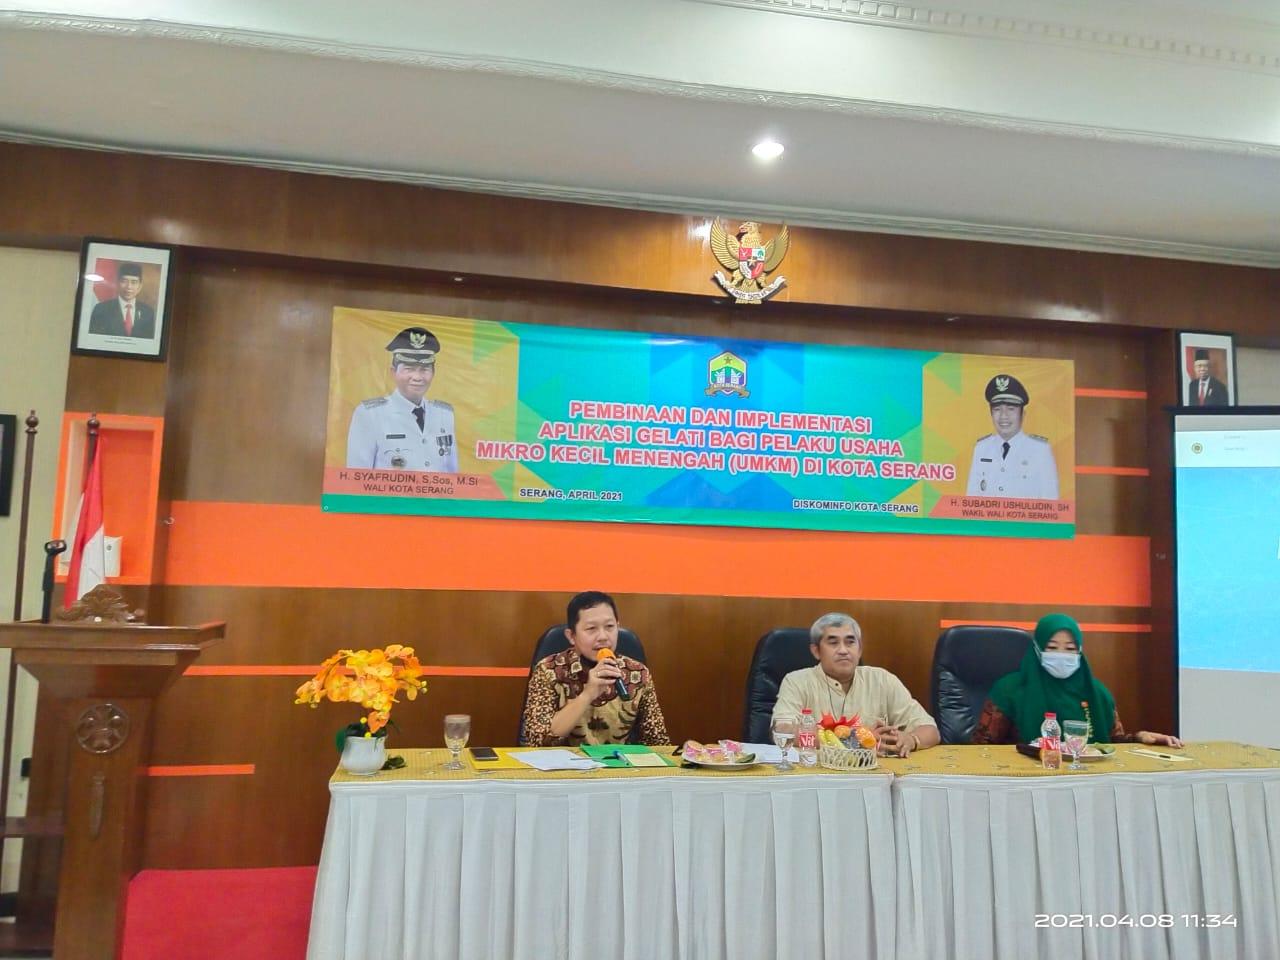 Pembinaan dan Implementasi Aplikasi Gelati Bagi UMKM di Kota Serang.